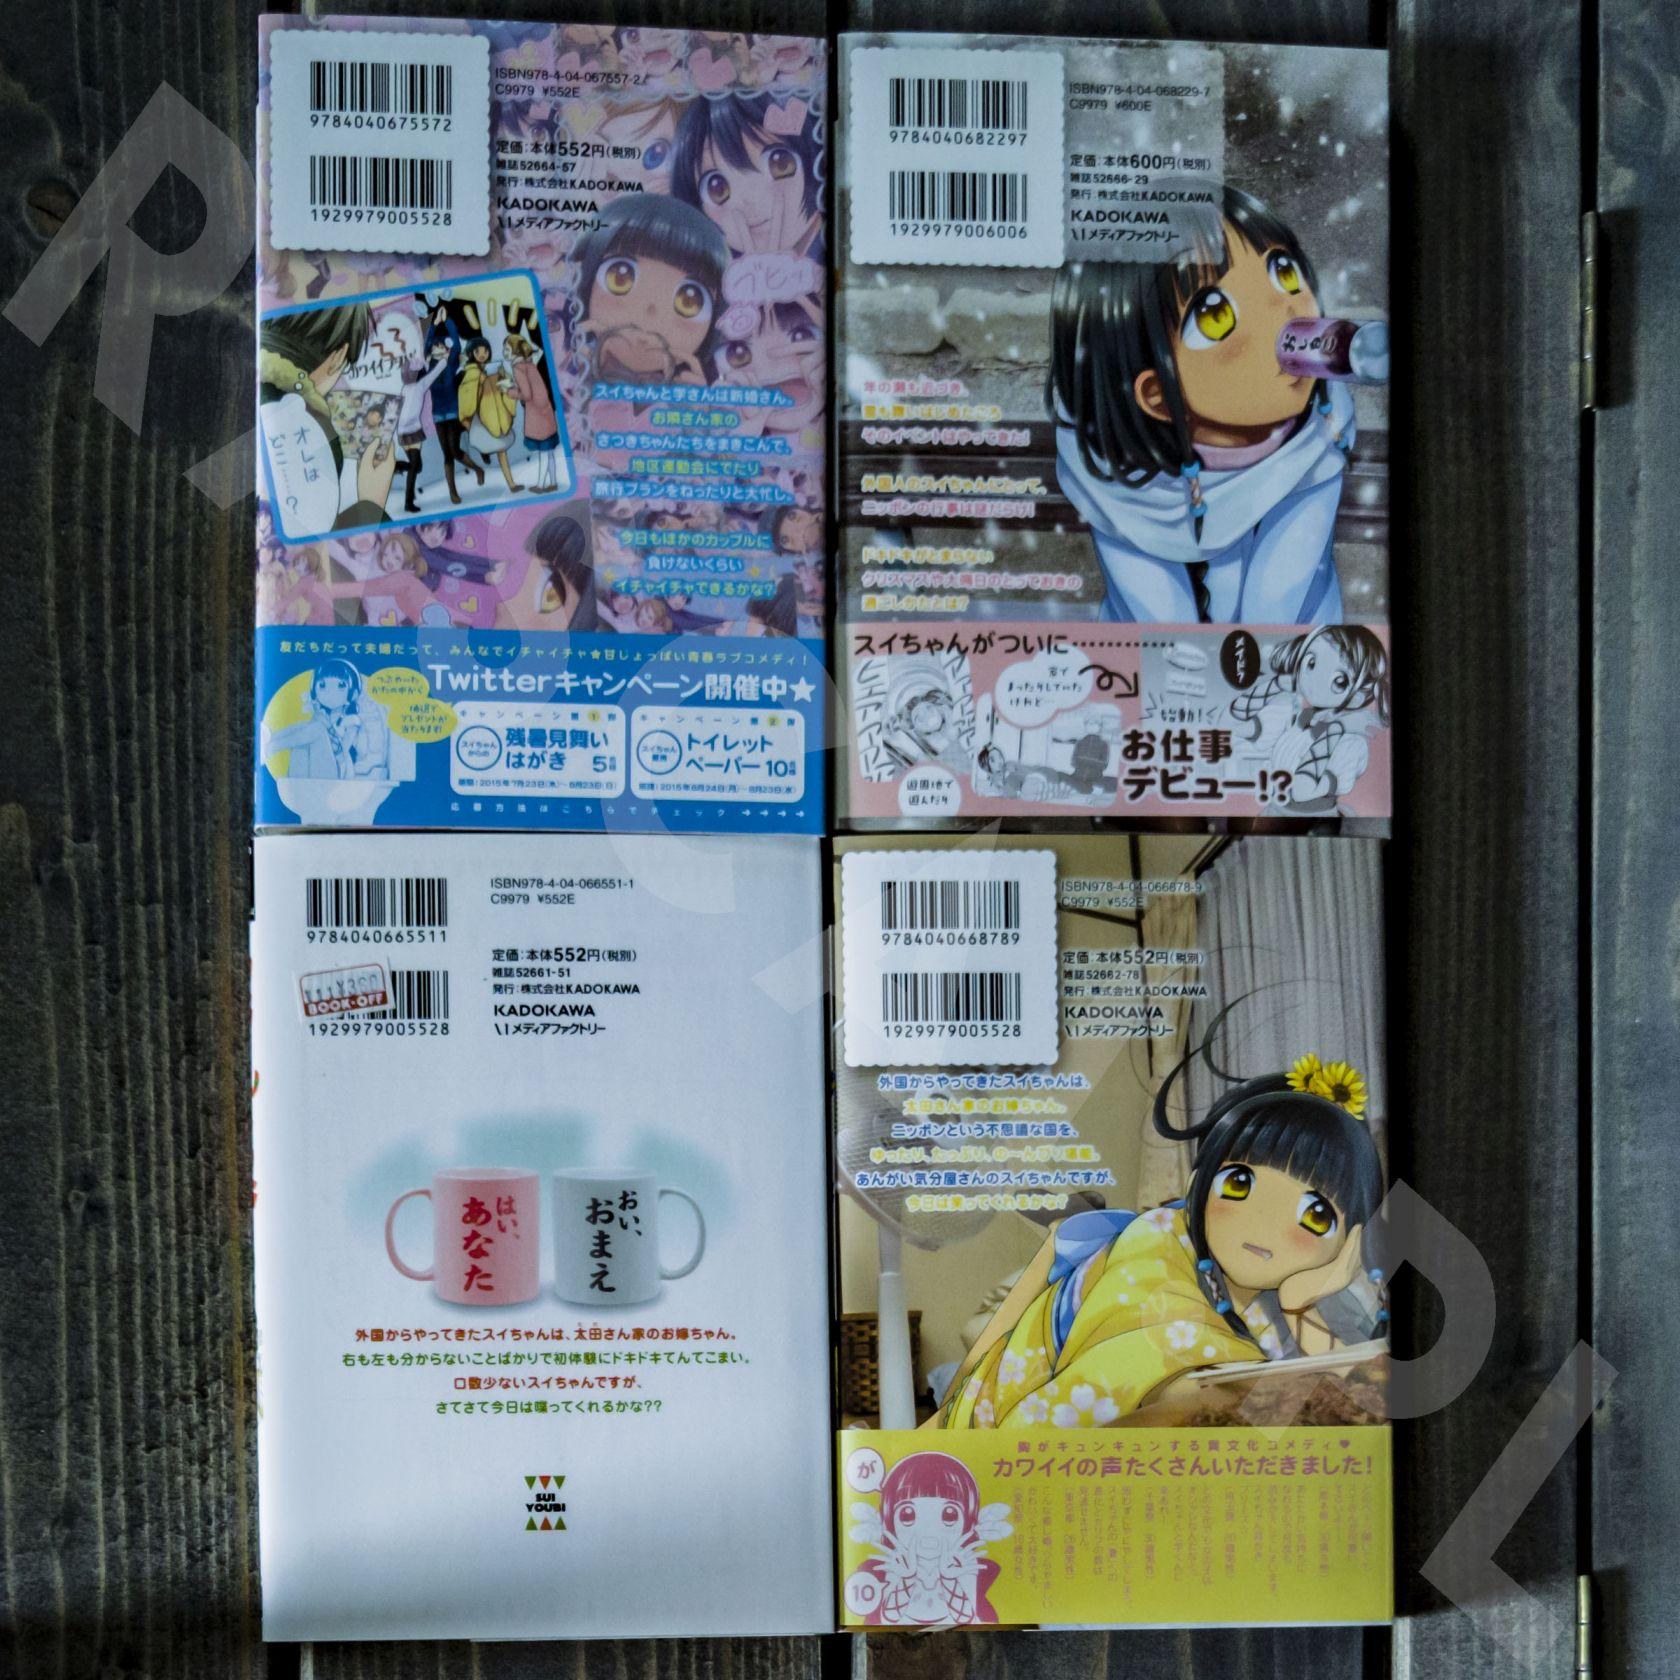 Suiyoubi (1-5) - Comics Flapper Series - Nowości w kolekcji mangi (listopad 2020) - rascal.pl